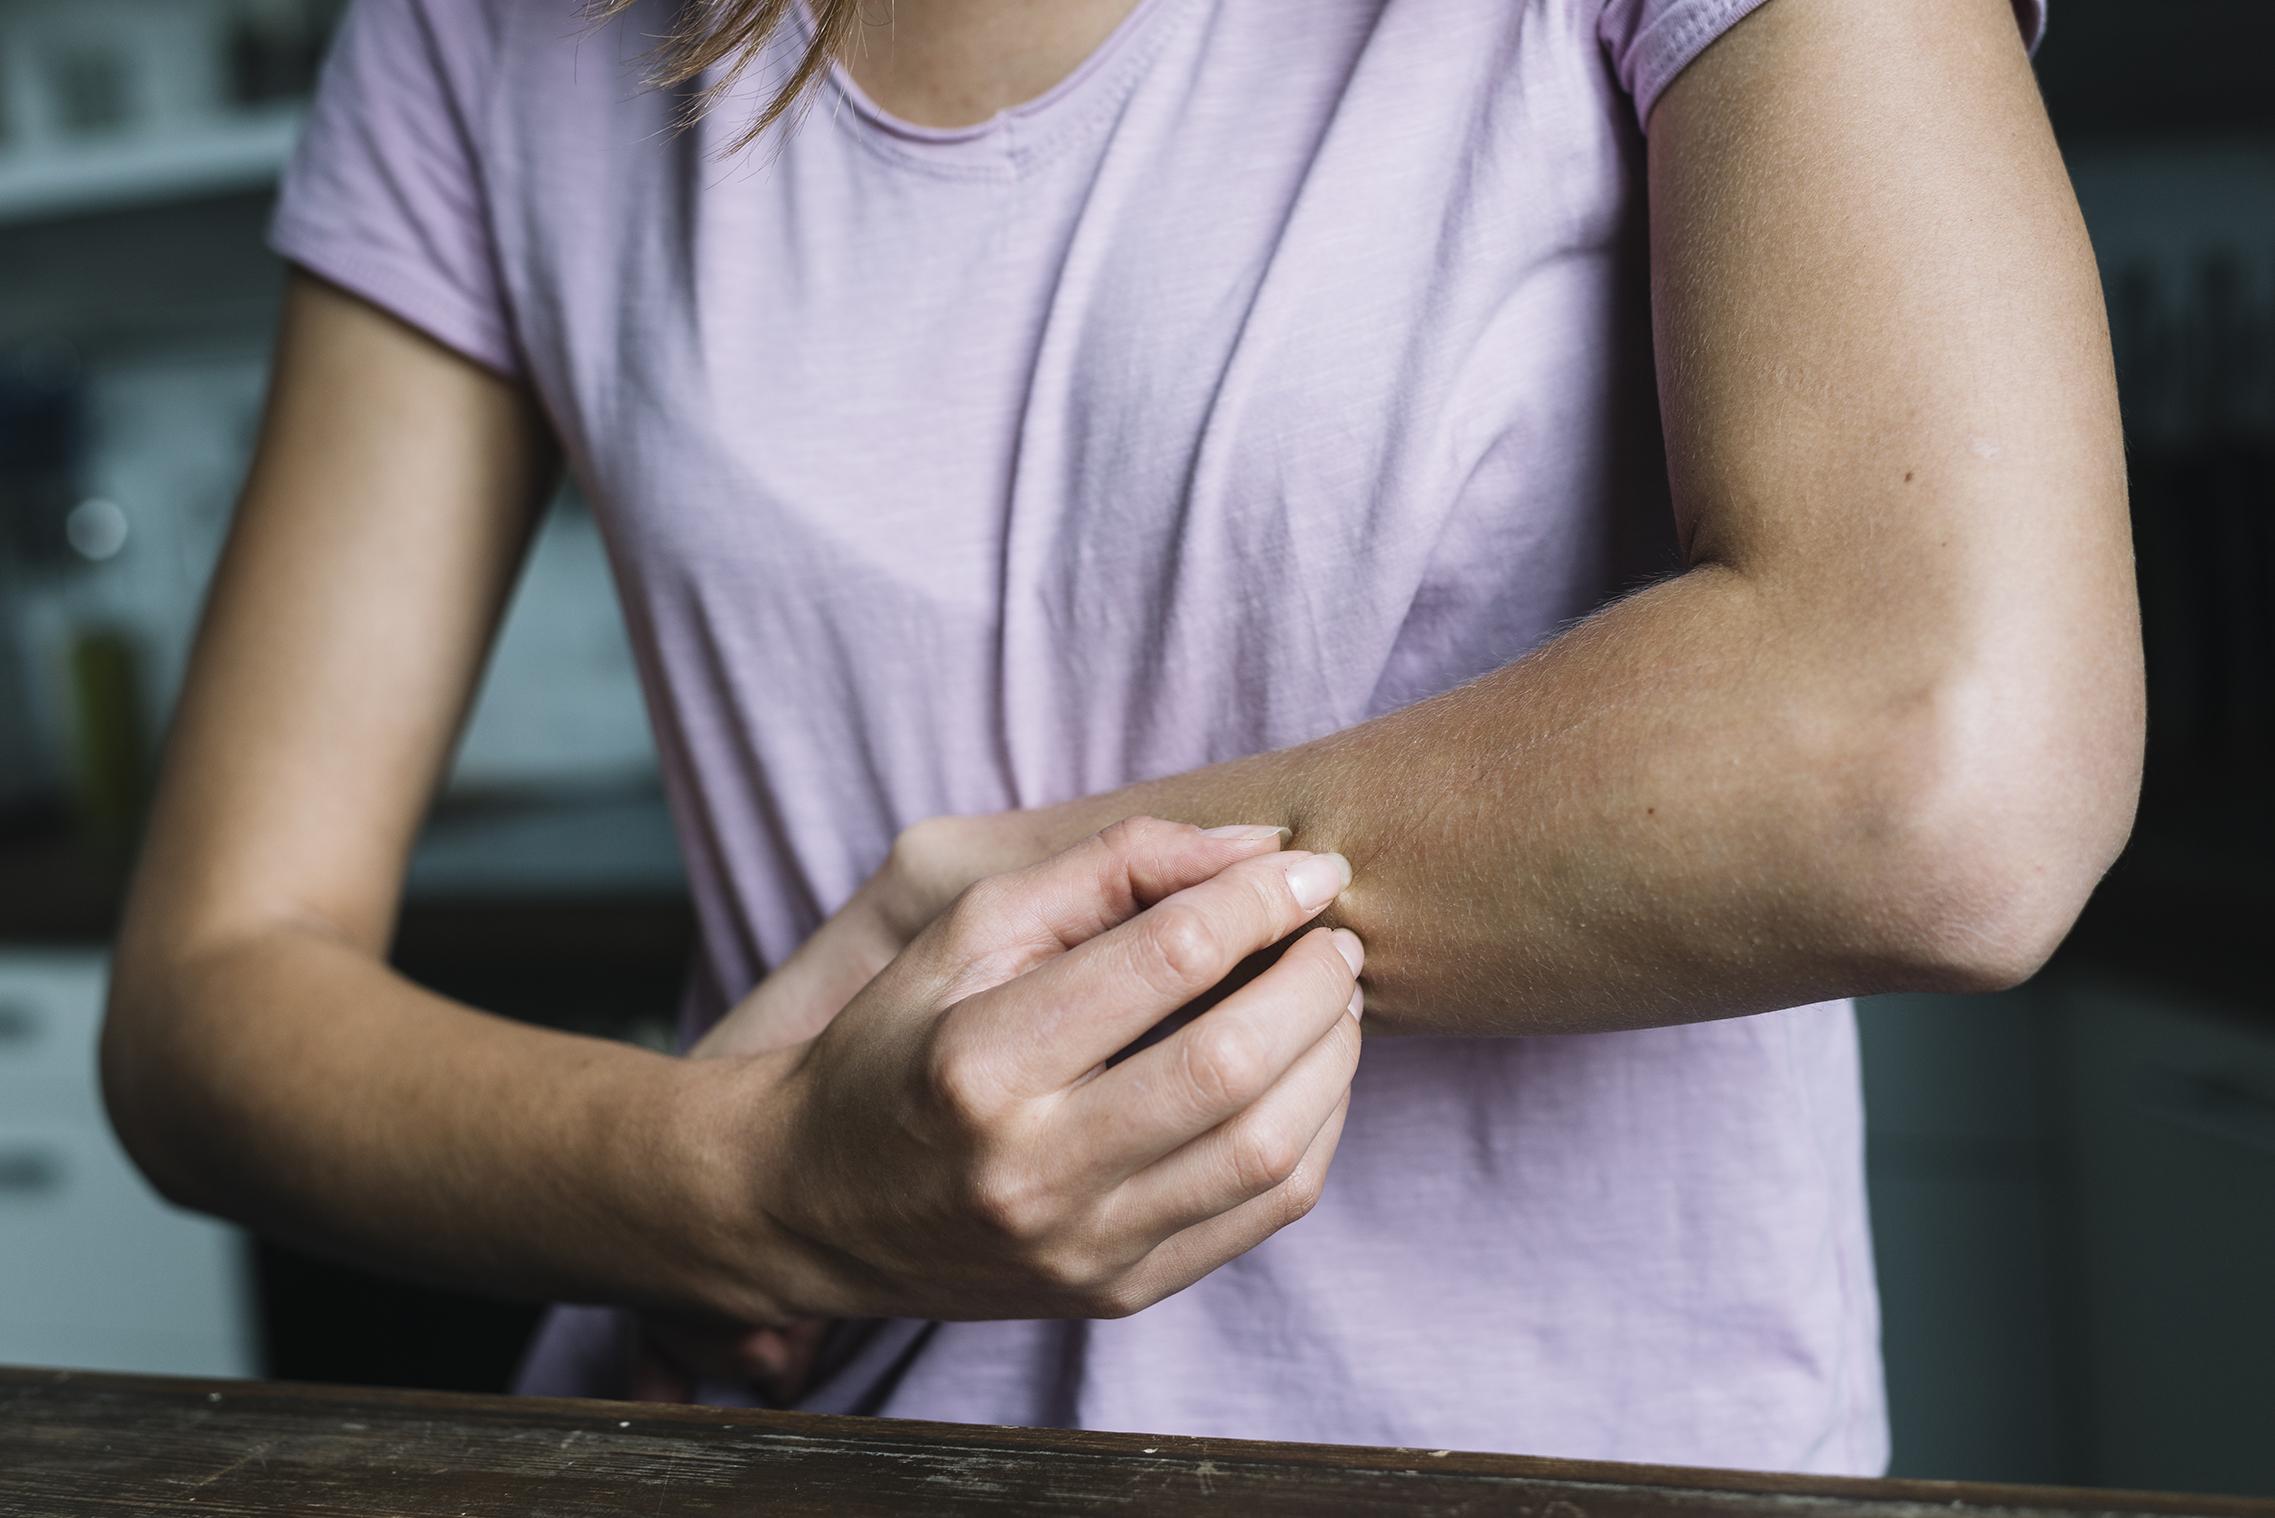 Cómo cuidar la piel en cuarentena